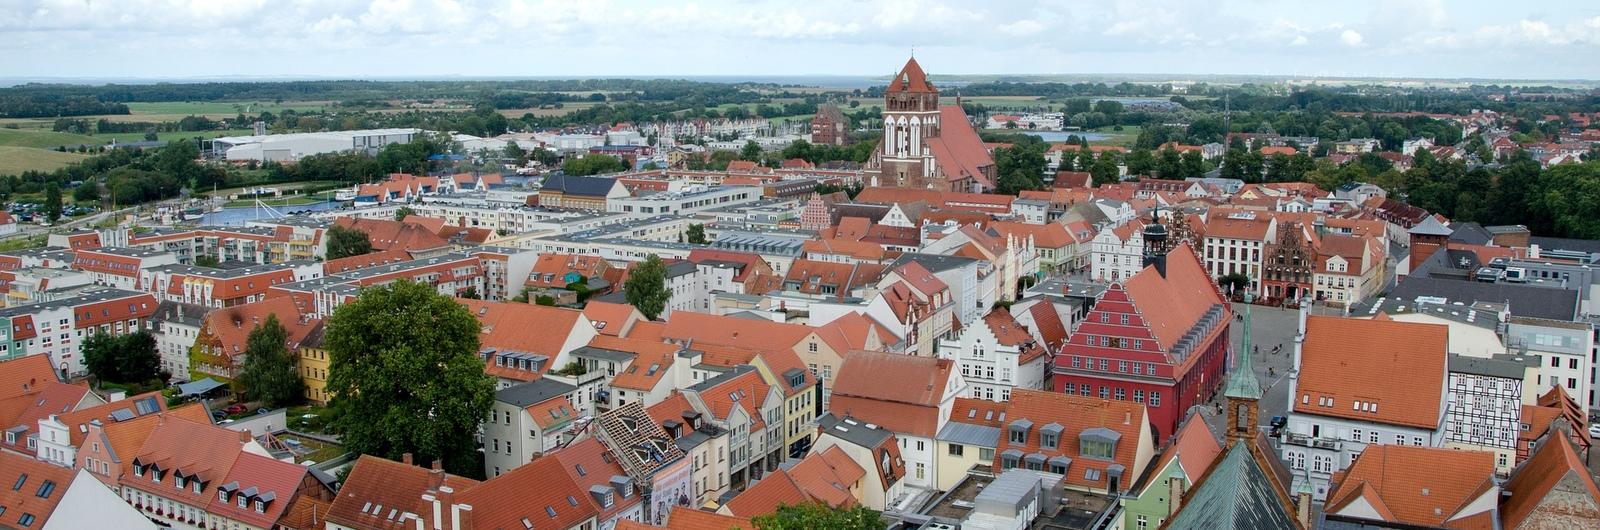 Huren In Greifswald